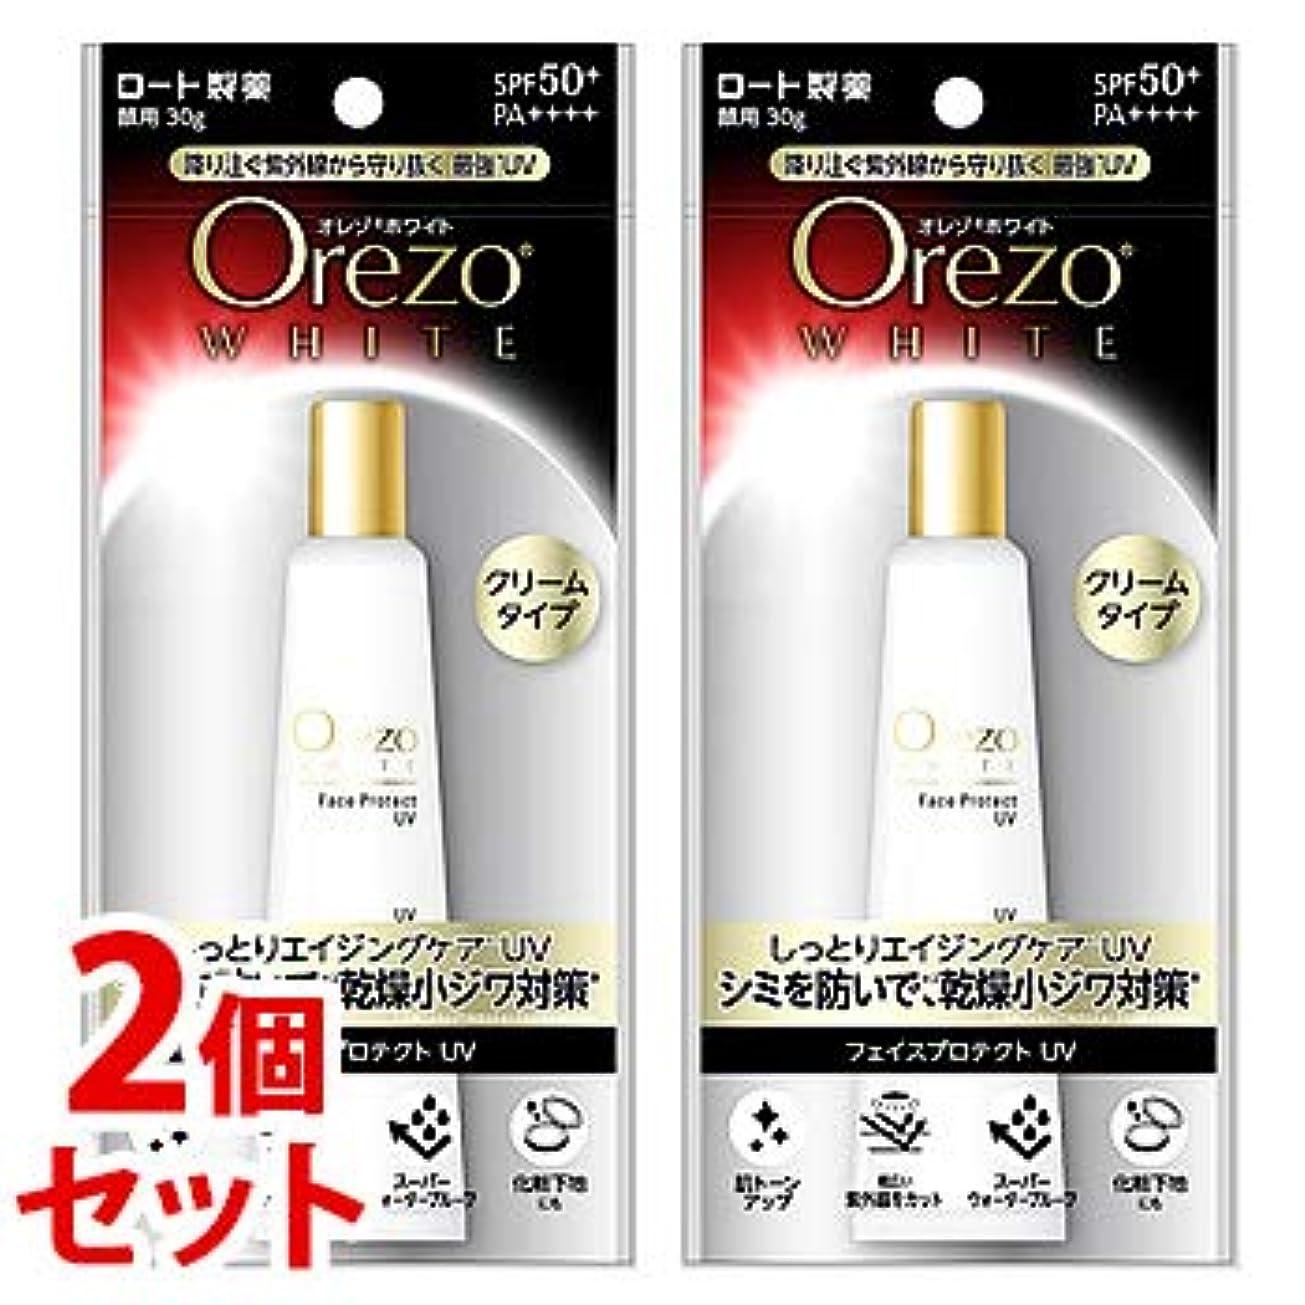 事前内部ラジカル《セット販売》 ロート製薬 Orezo オレゾ ホワイト フェイスプロテクトUV SPF50+ PA++++ (30g)×2個セット 顔用 日やけ止め 化粧下地 クリームタイプ